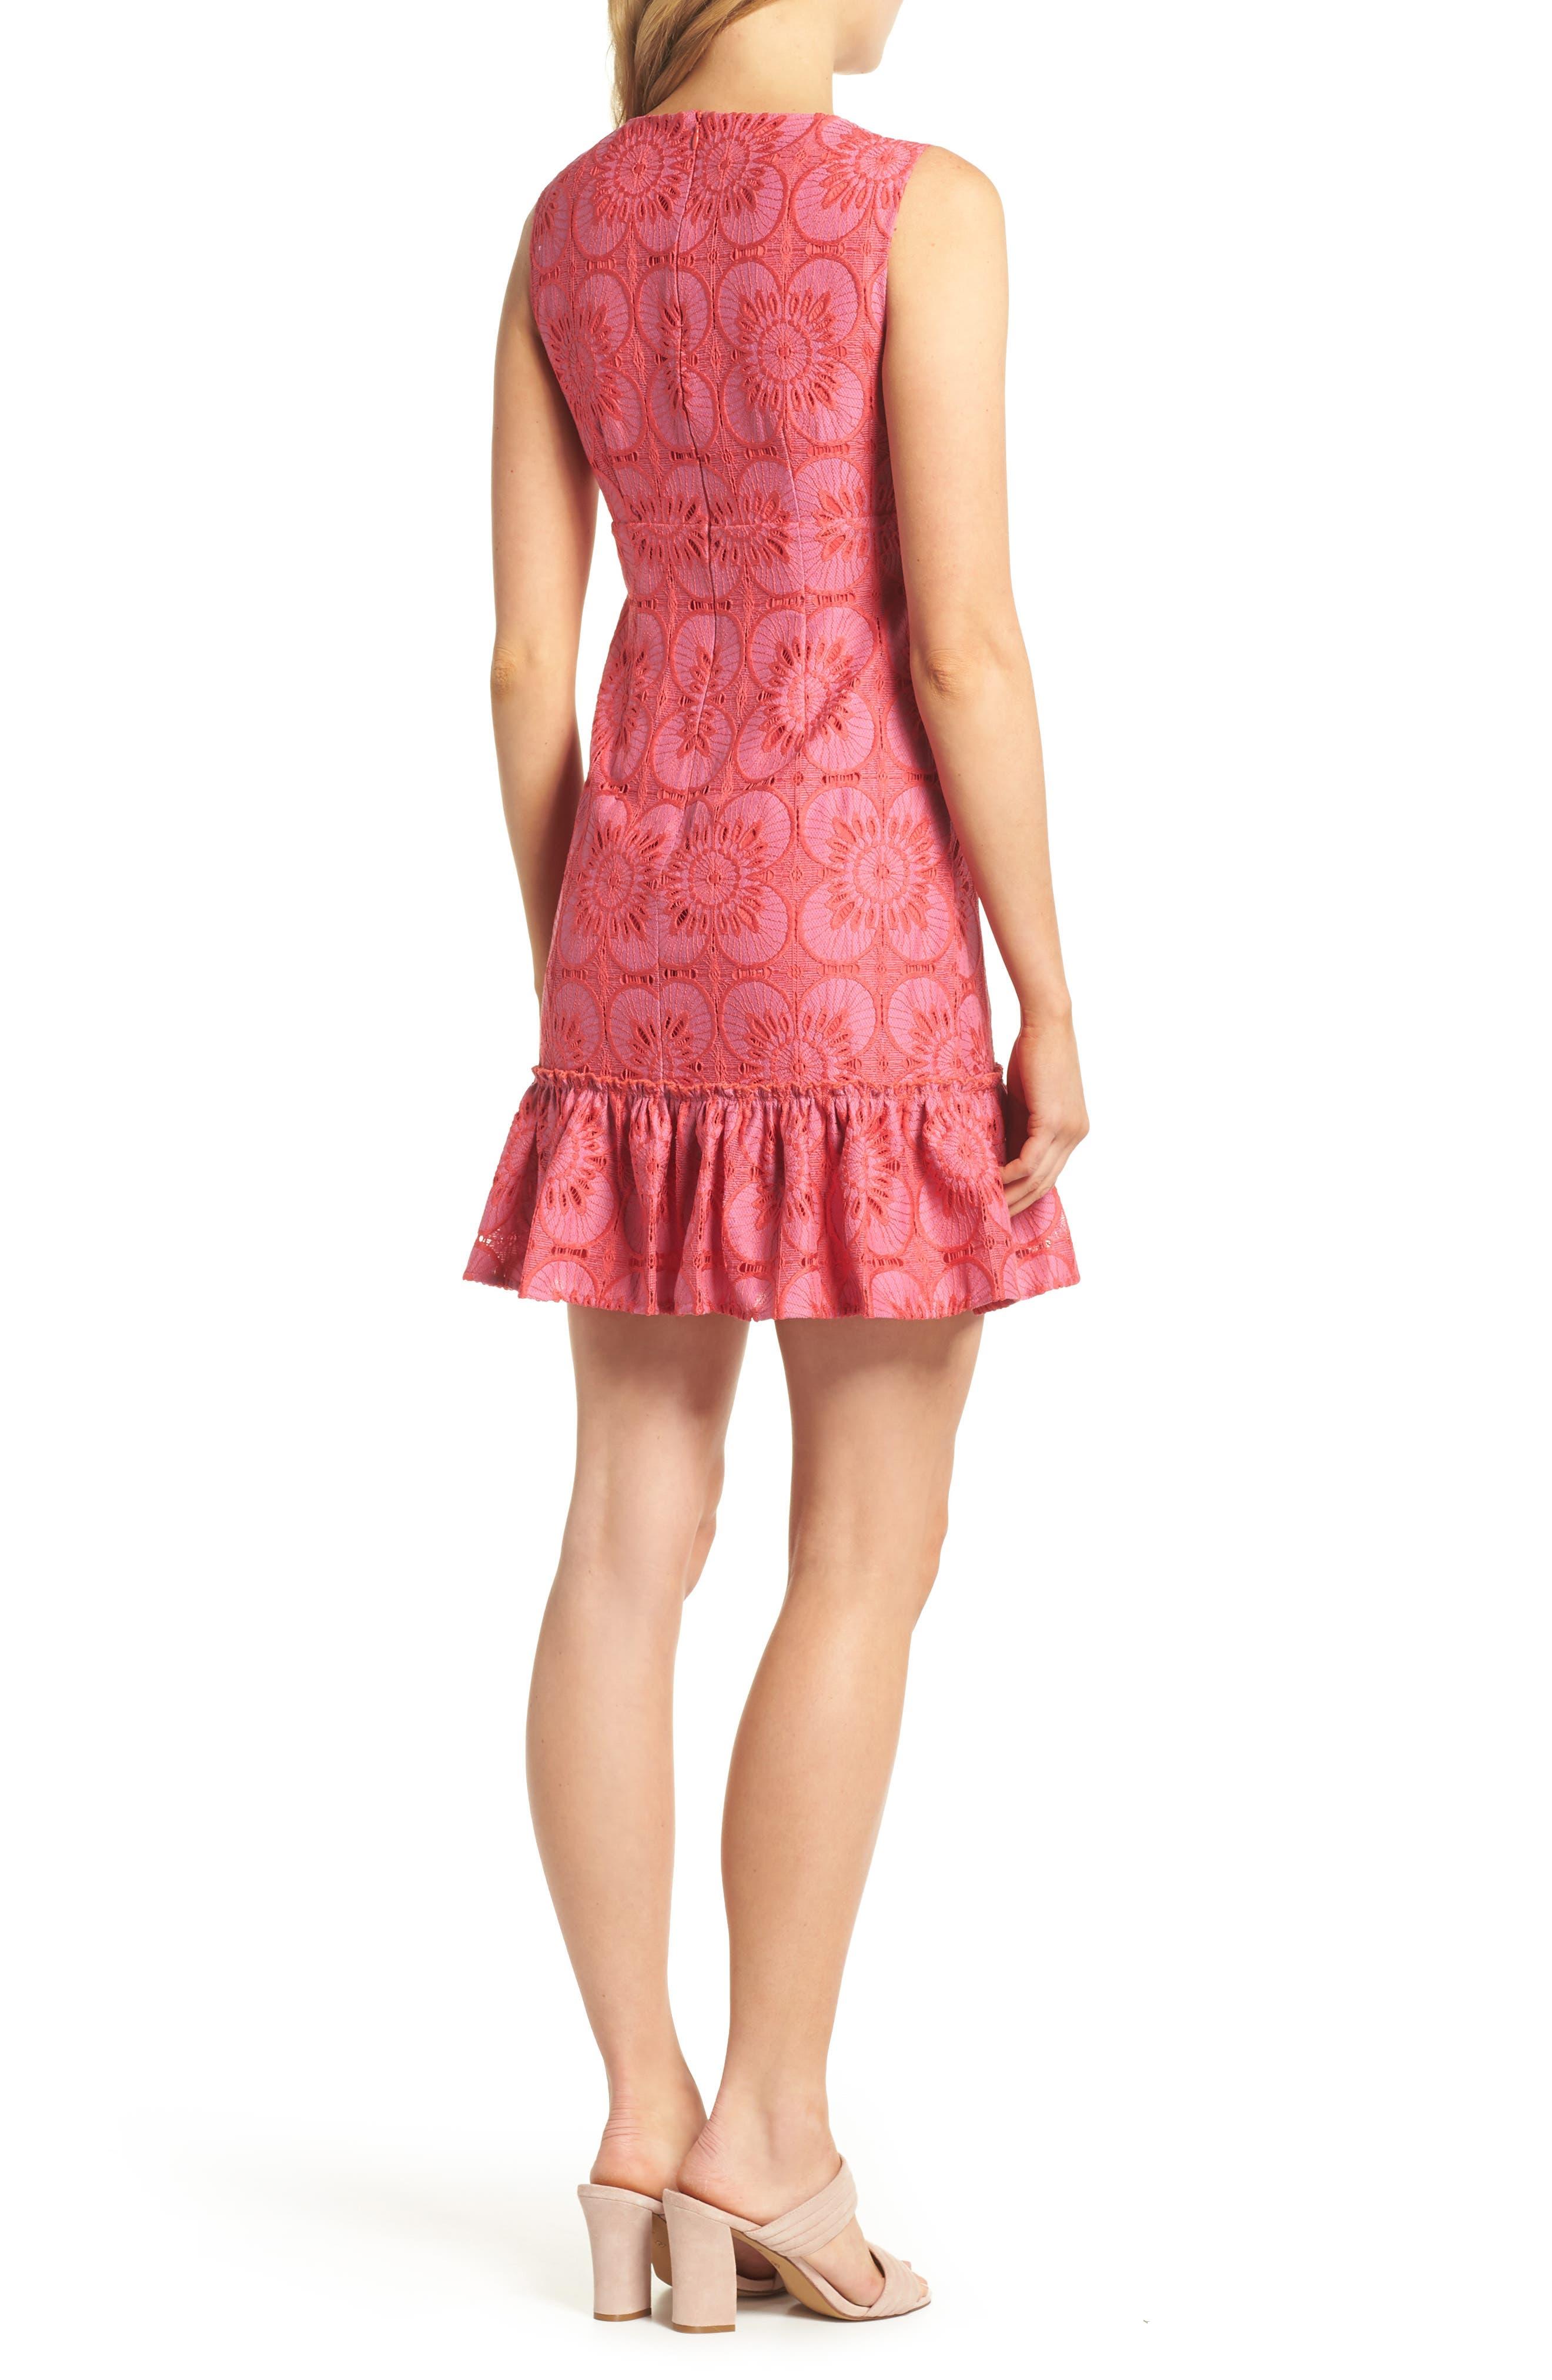 Carpinteria Lace Ruffle Hem Dress,                             Alternate thumbnail 2, color,                             Peony